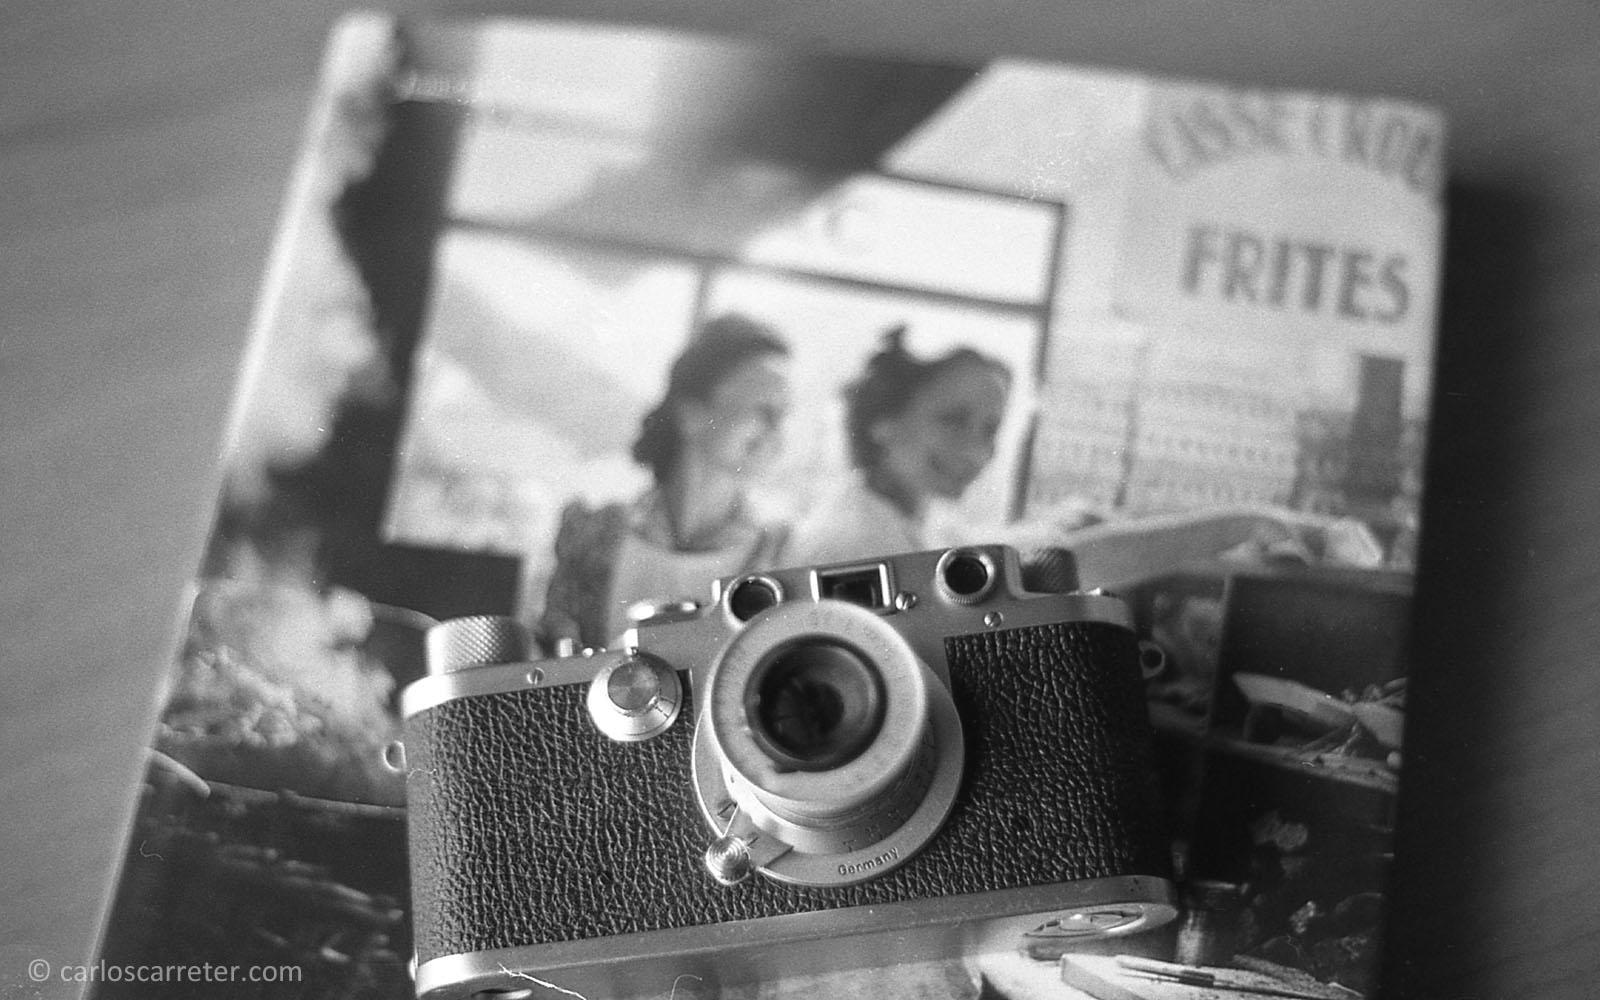 Leica IIIf